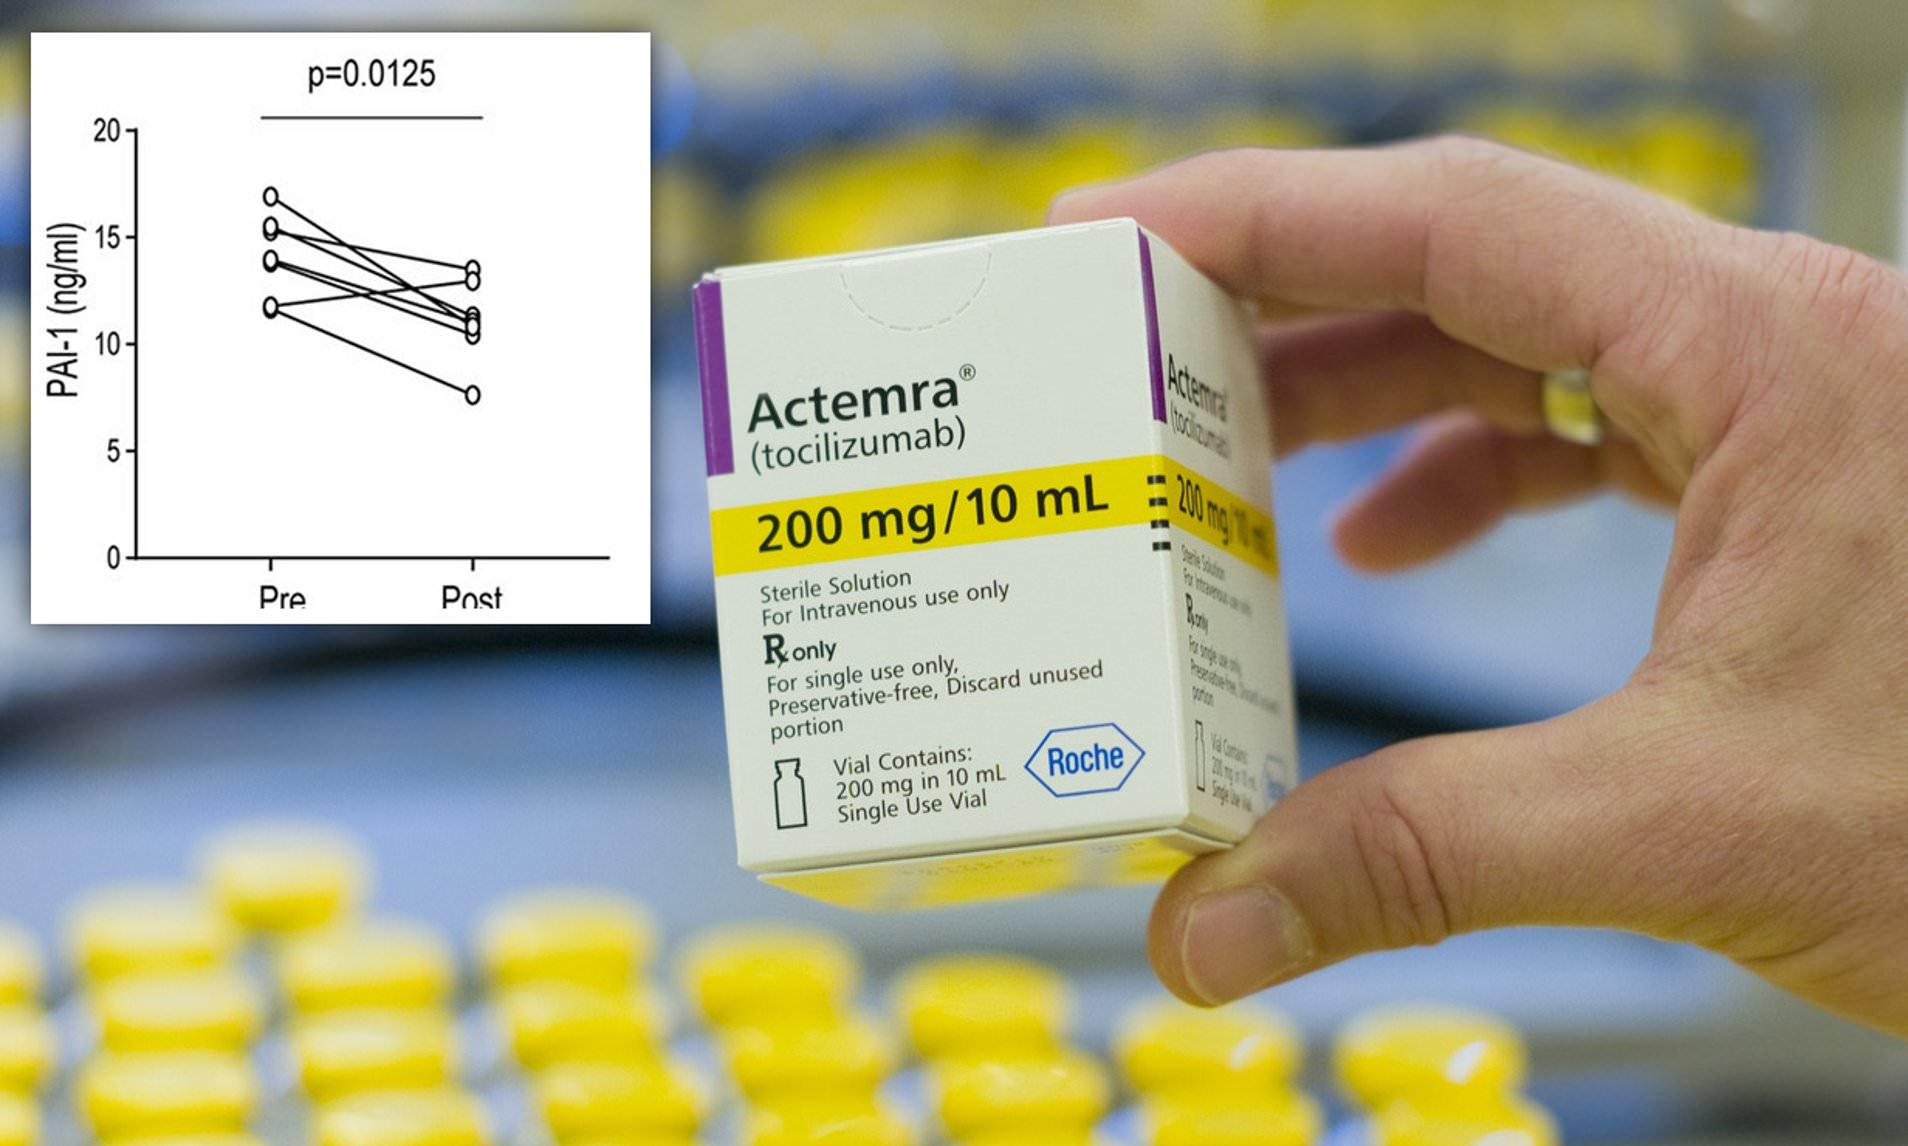 जापानको एक औषधीले कोरोनाका गम्भिर बिरामीको मृत्युदर २४ प्रतिशत घटायो